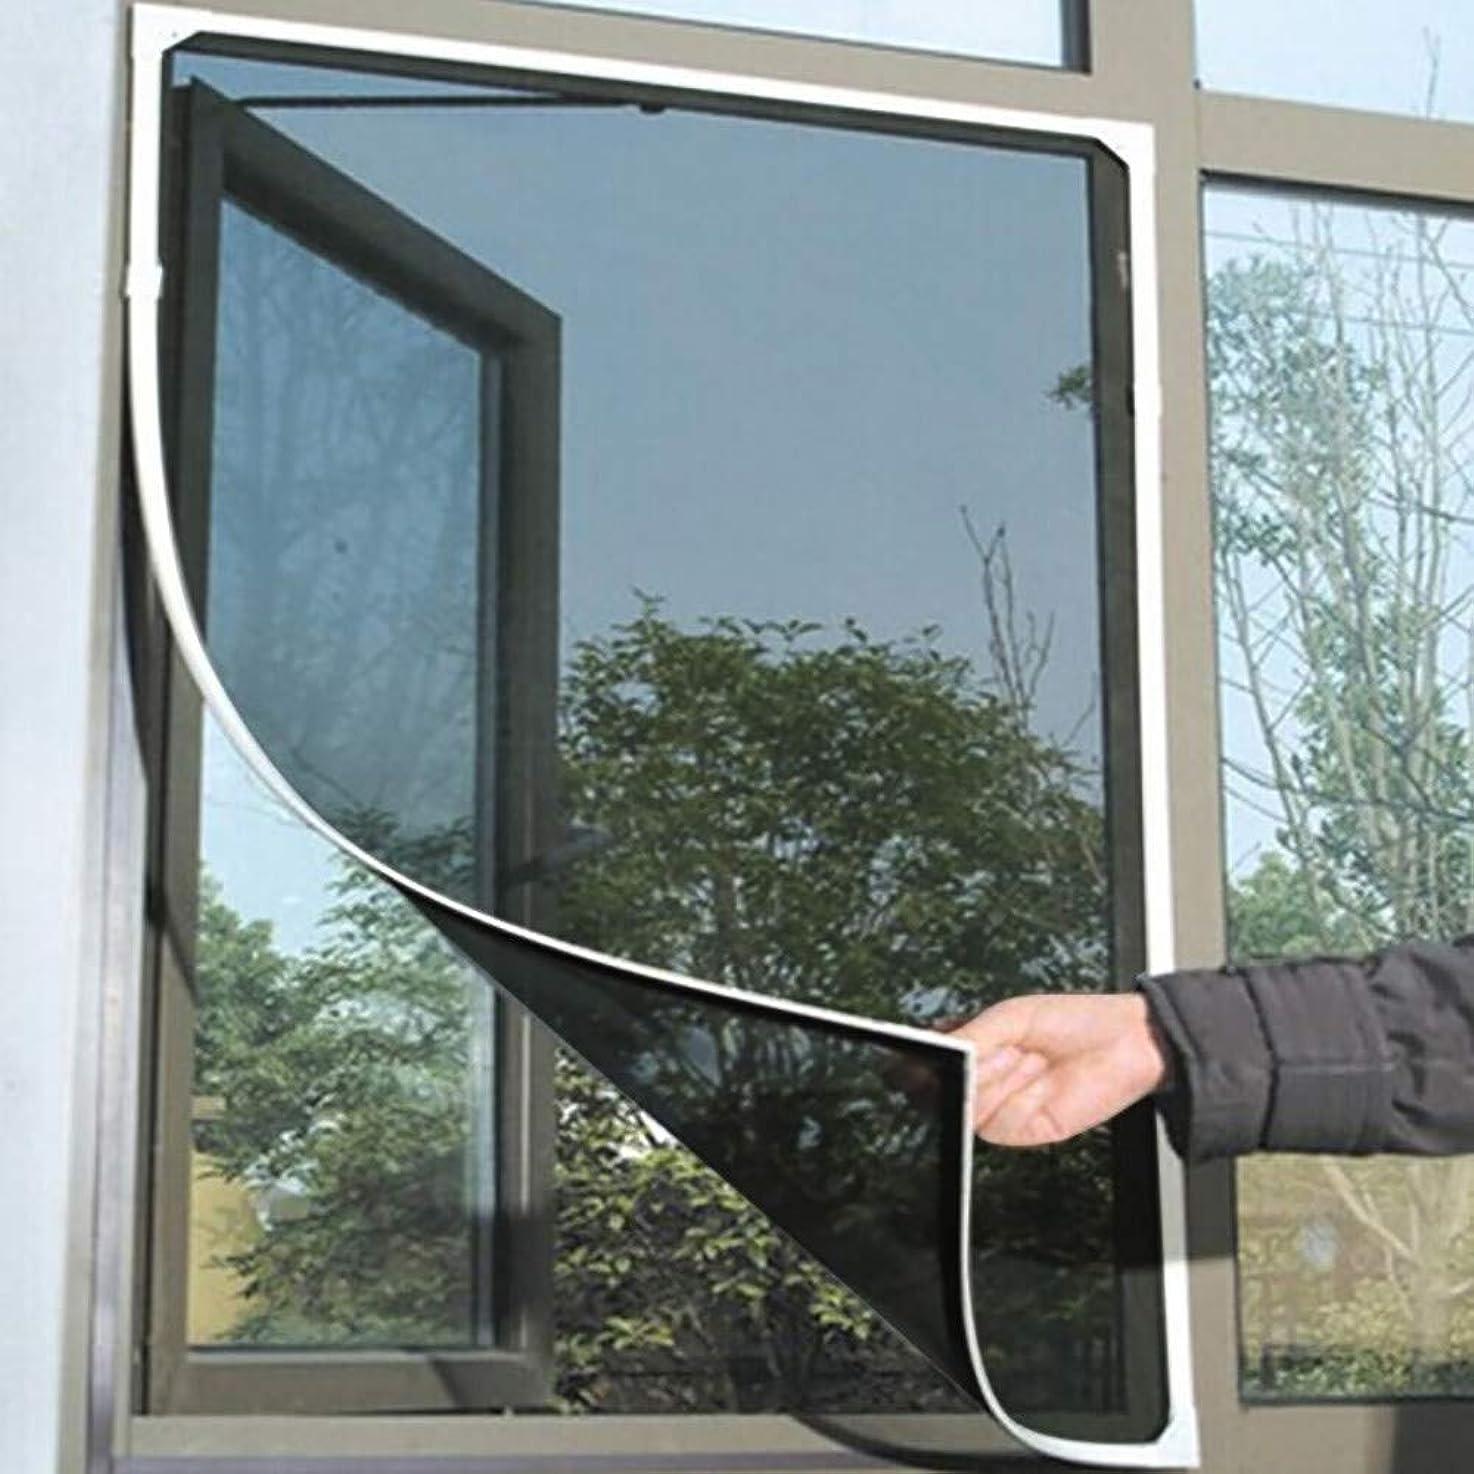 Window Screening,Mosquito Screens, Indoor Insect Fly Screen Curtain Mesh Bug Mosquito Netting Door Window /150cm200cm —by NszzJixo9 (Black)